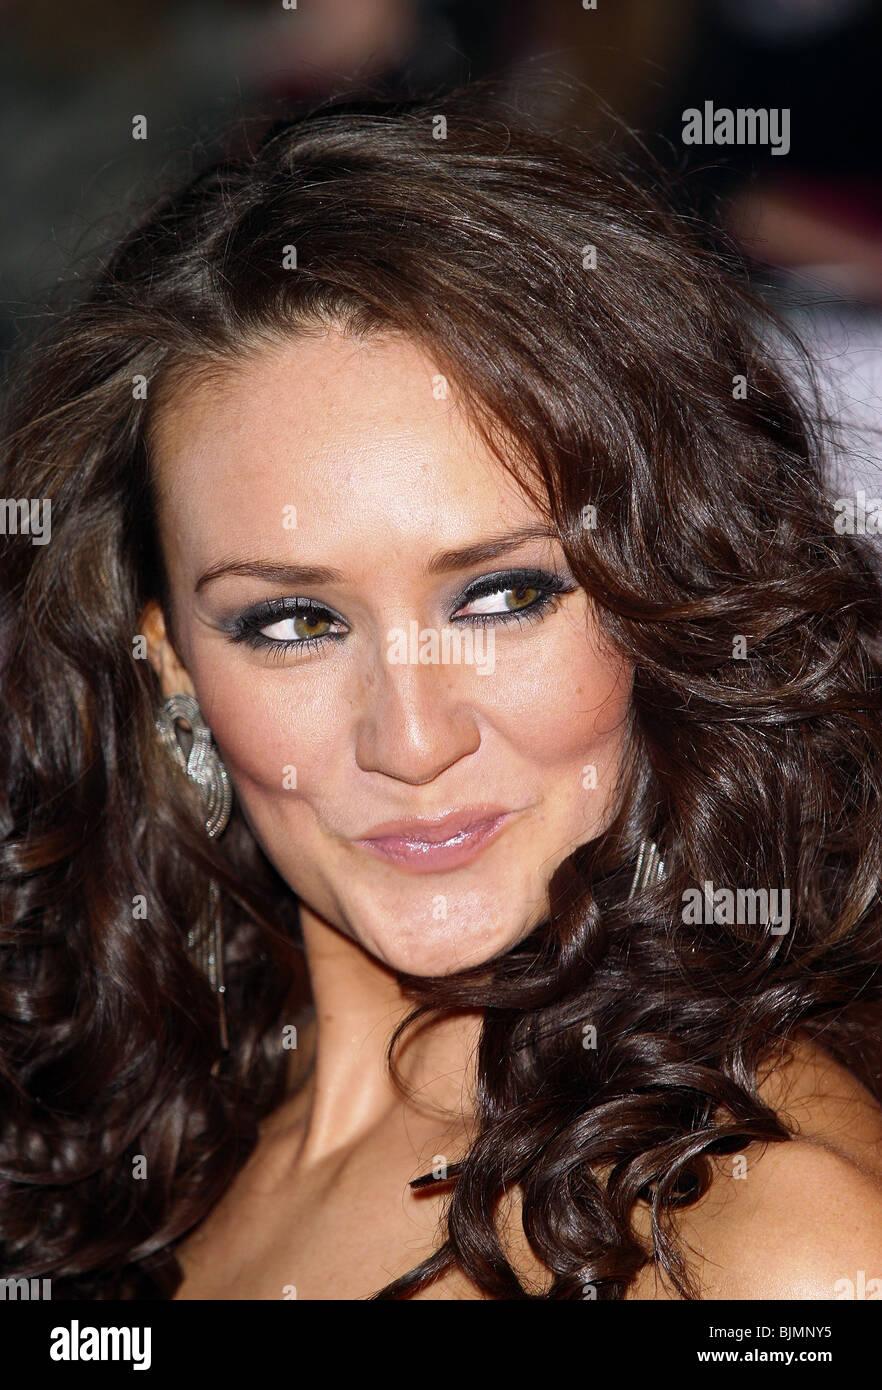 Watch Cheryl Miller (actress) video